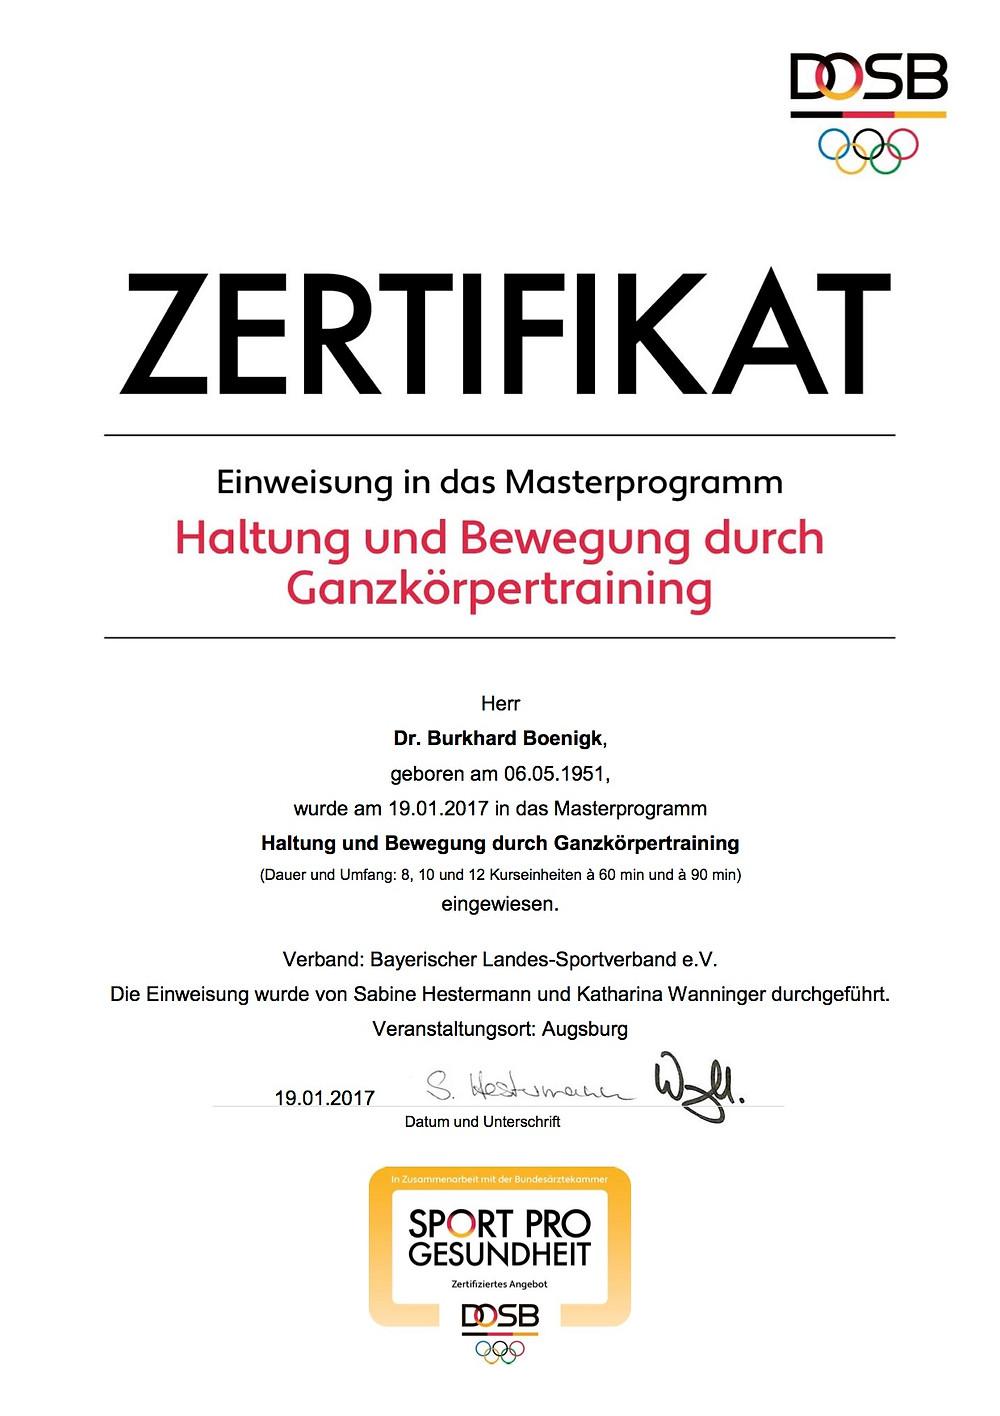 Laufinstinkt+ Schwaben Augsburg - DOSB-Zertifikat Haltung und Bewegung durch Ganzkörpertraining